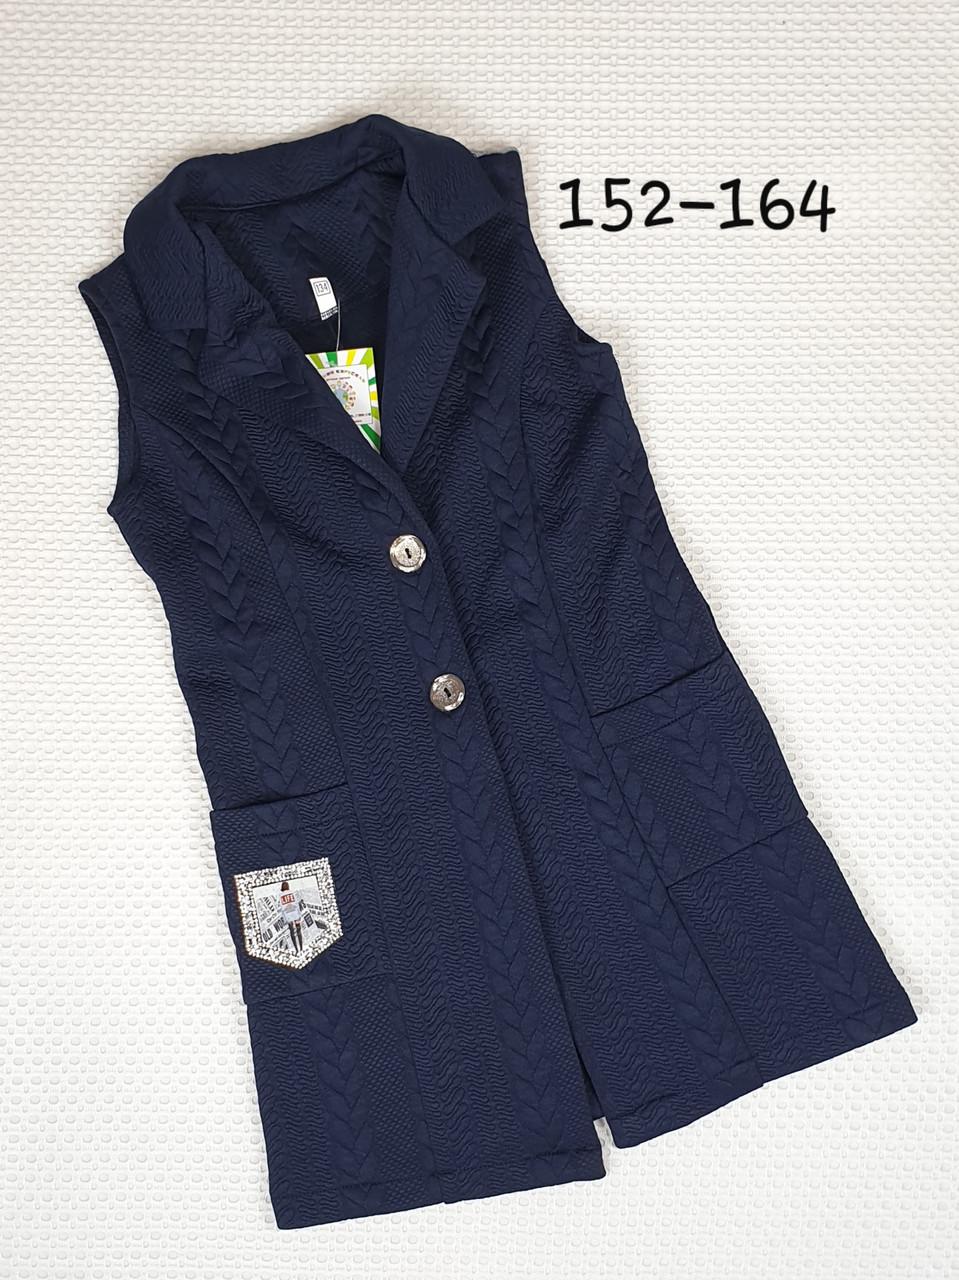 Стильный Кардиган для девочки 152-164  ТЕМНО-СИНИЙ